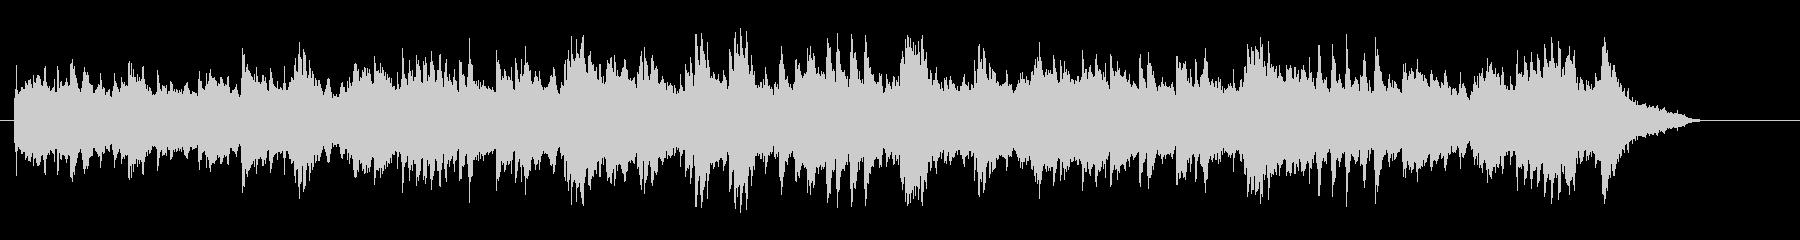 宇宙的な環境音楽風ピアノアコースティックの未再生の波形